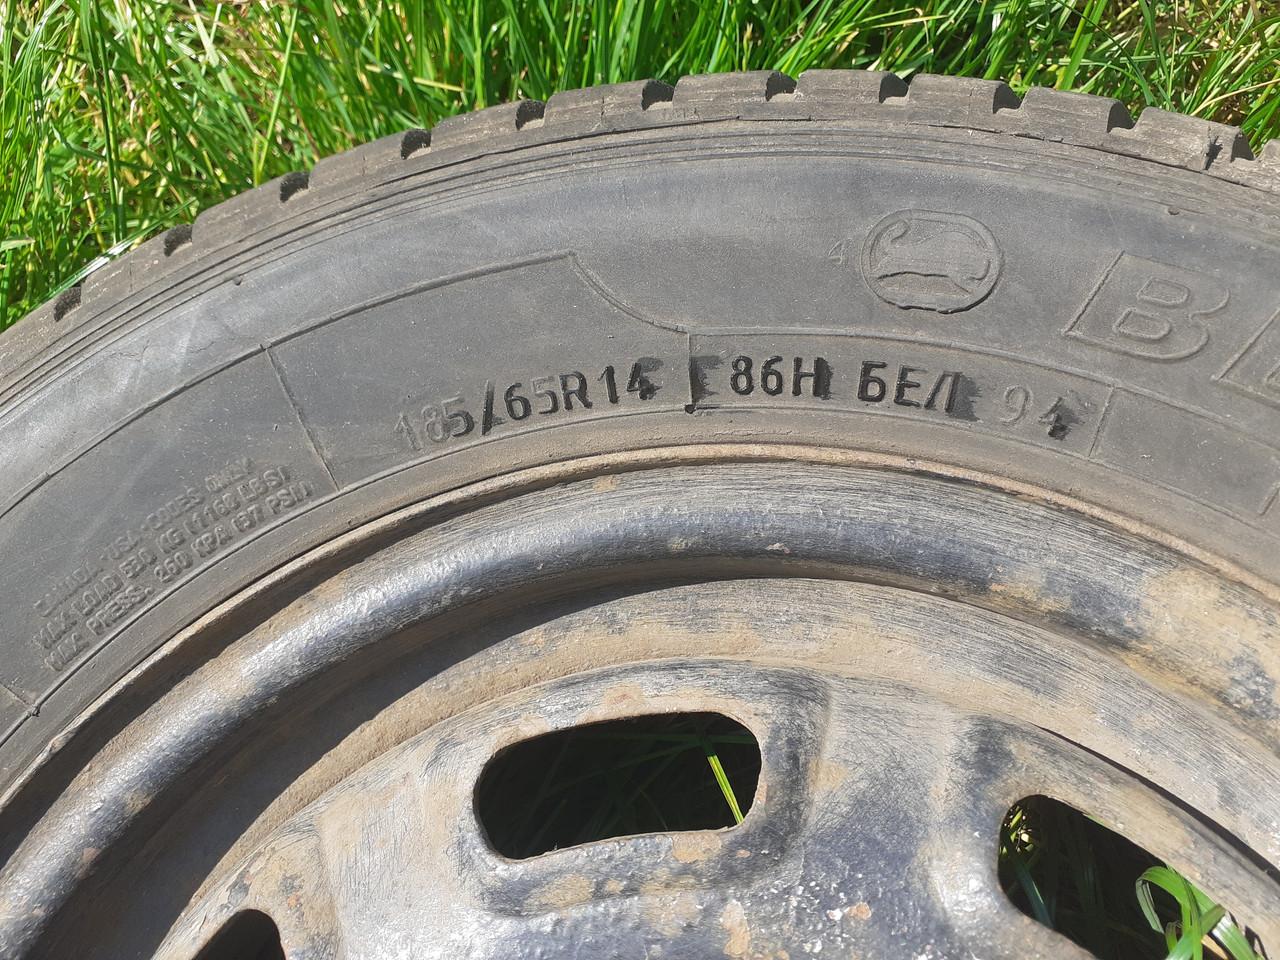 4 колеса с дисками для М2141 б/у.